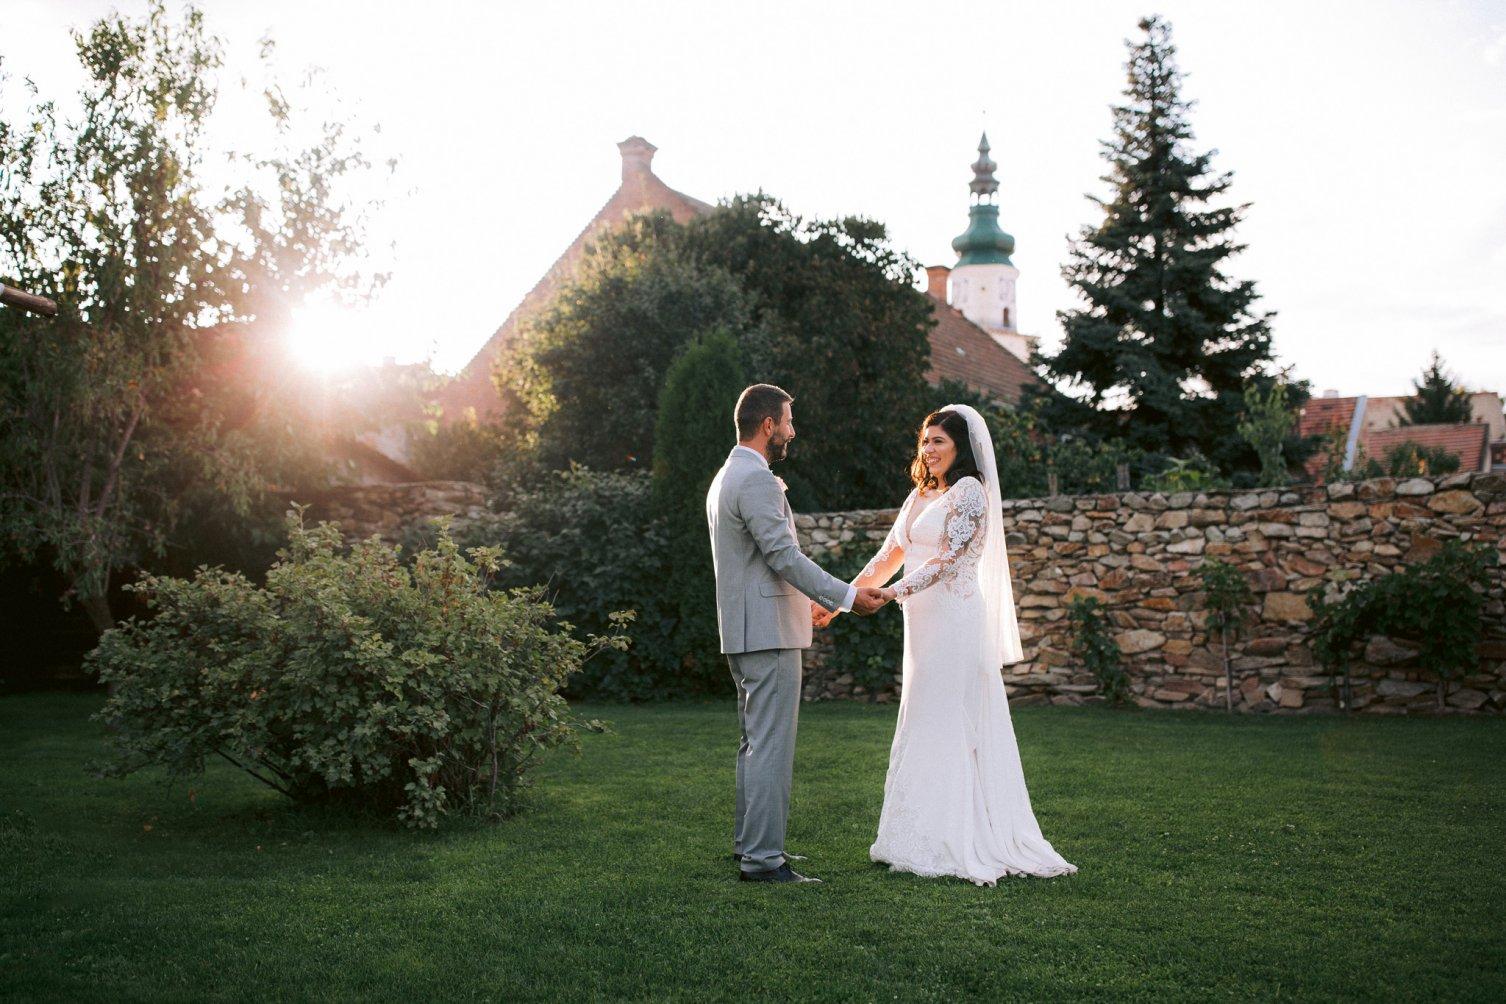 svadba, nevesta, ženích, láska, Modra, západ slnka, kostolná veža, kamenný múr, záhrada